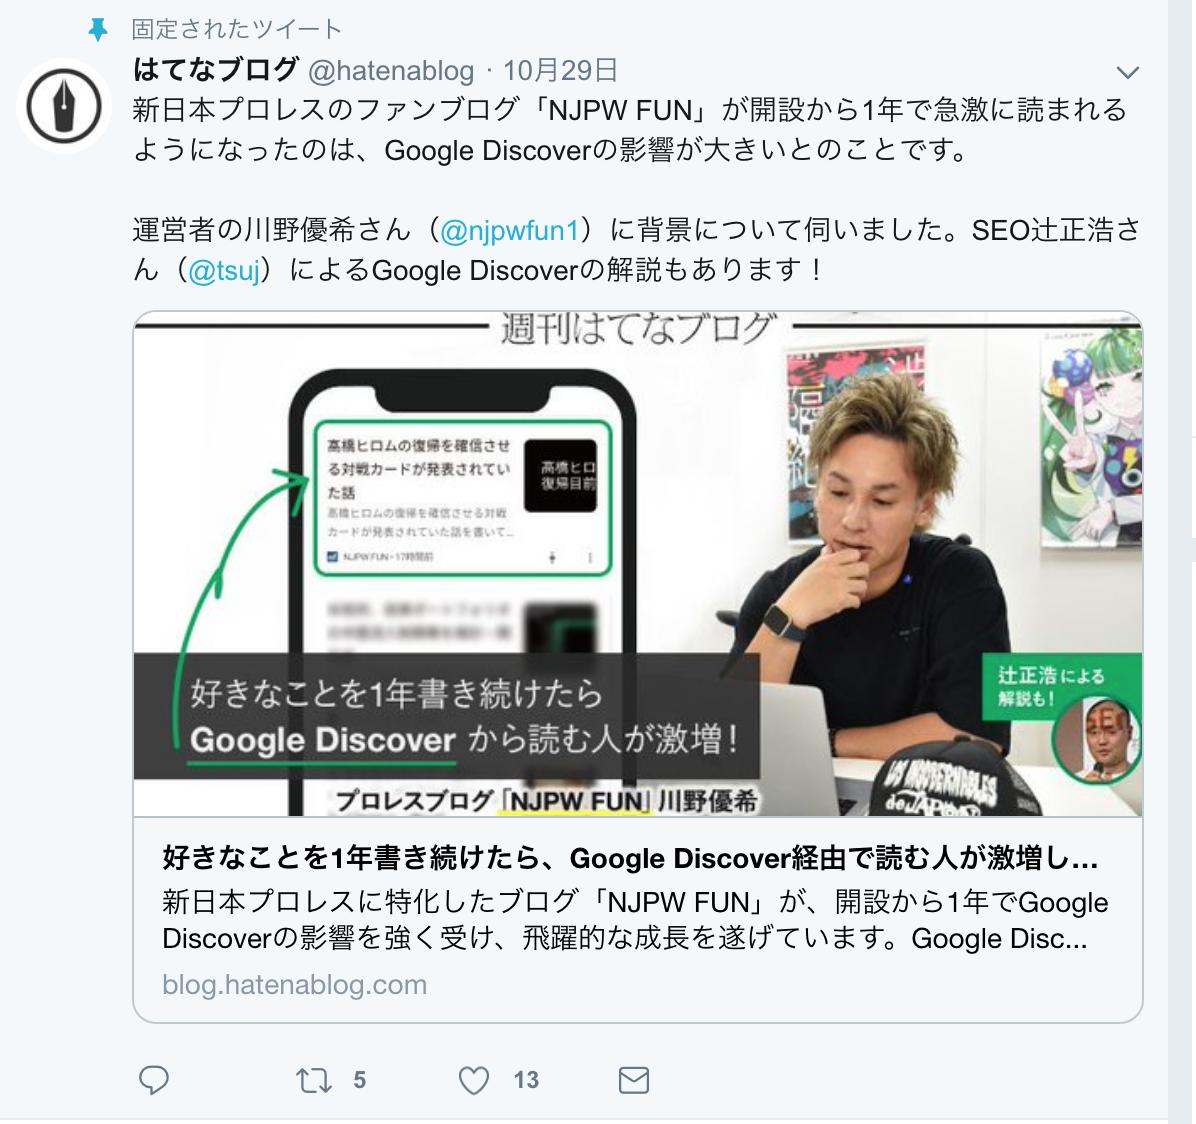 f:id:yuu04022:20191120143623p:plain